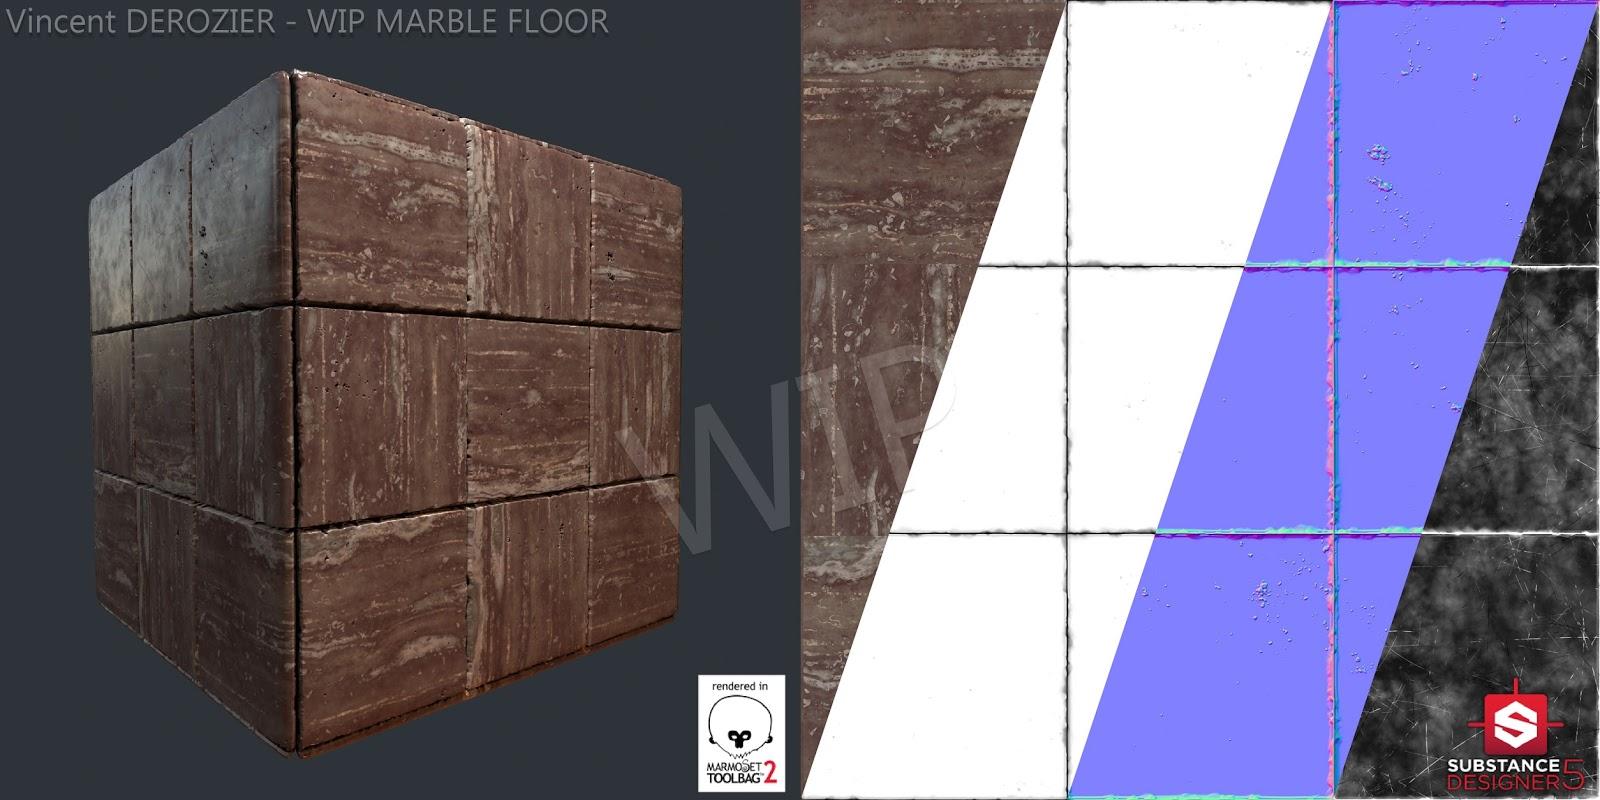 MarbleWIP-VincentD%25C3%25A9rozier.jpg